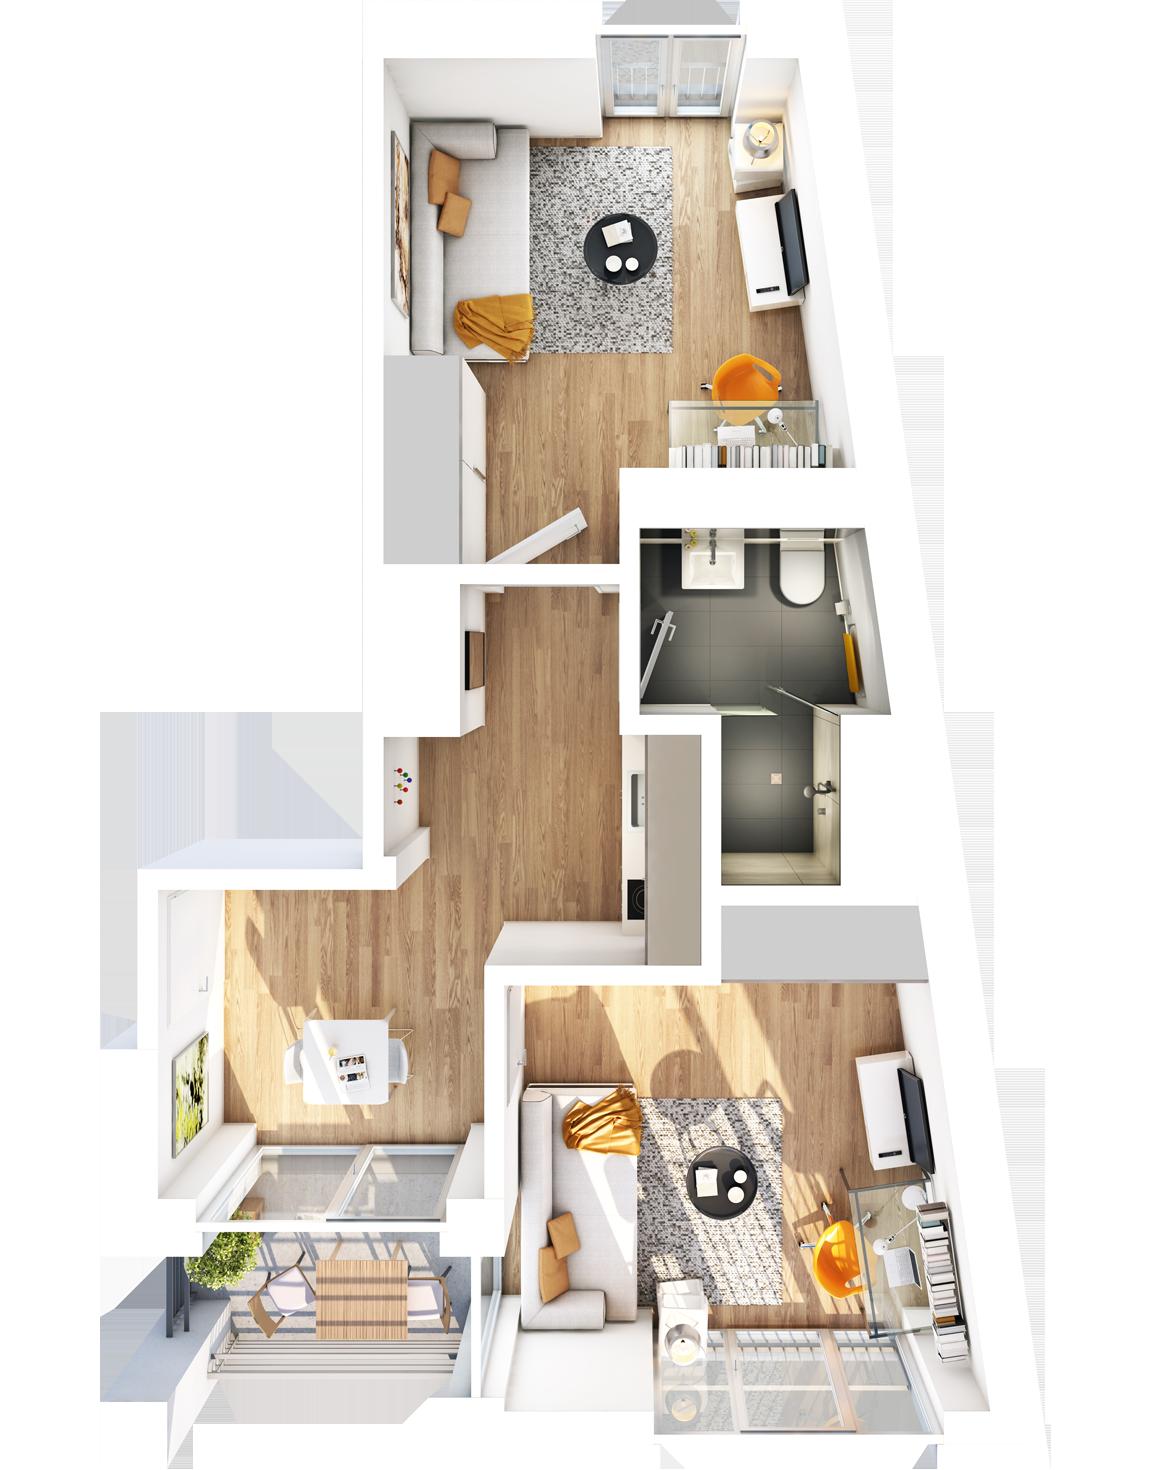 Visualisierung Beispiel 2-Zimmer-Wohnung Typ H mit Bad, separater Küche, zwei Wohnzimmer und Balkon im studiosus 5 Apartmenthaus in Augsburg